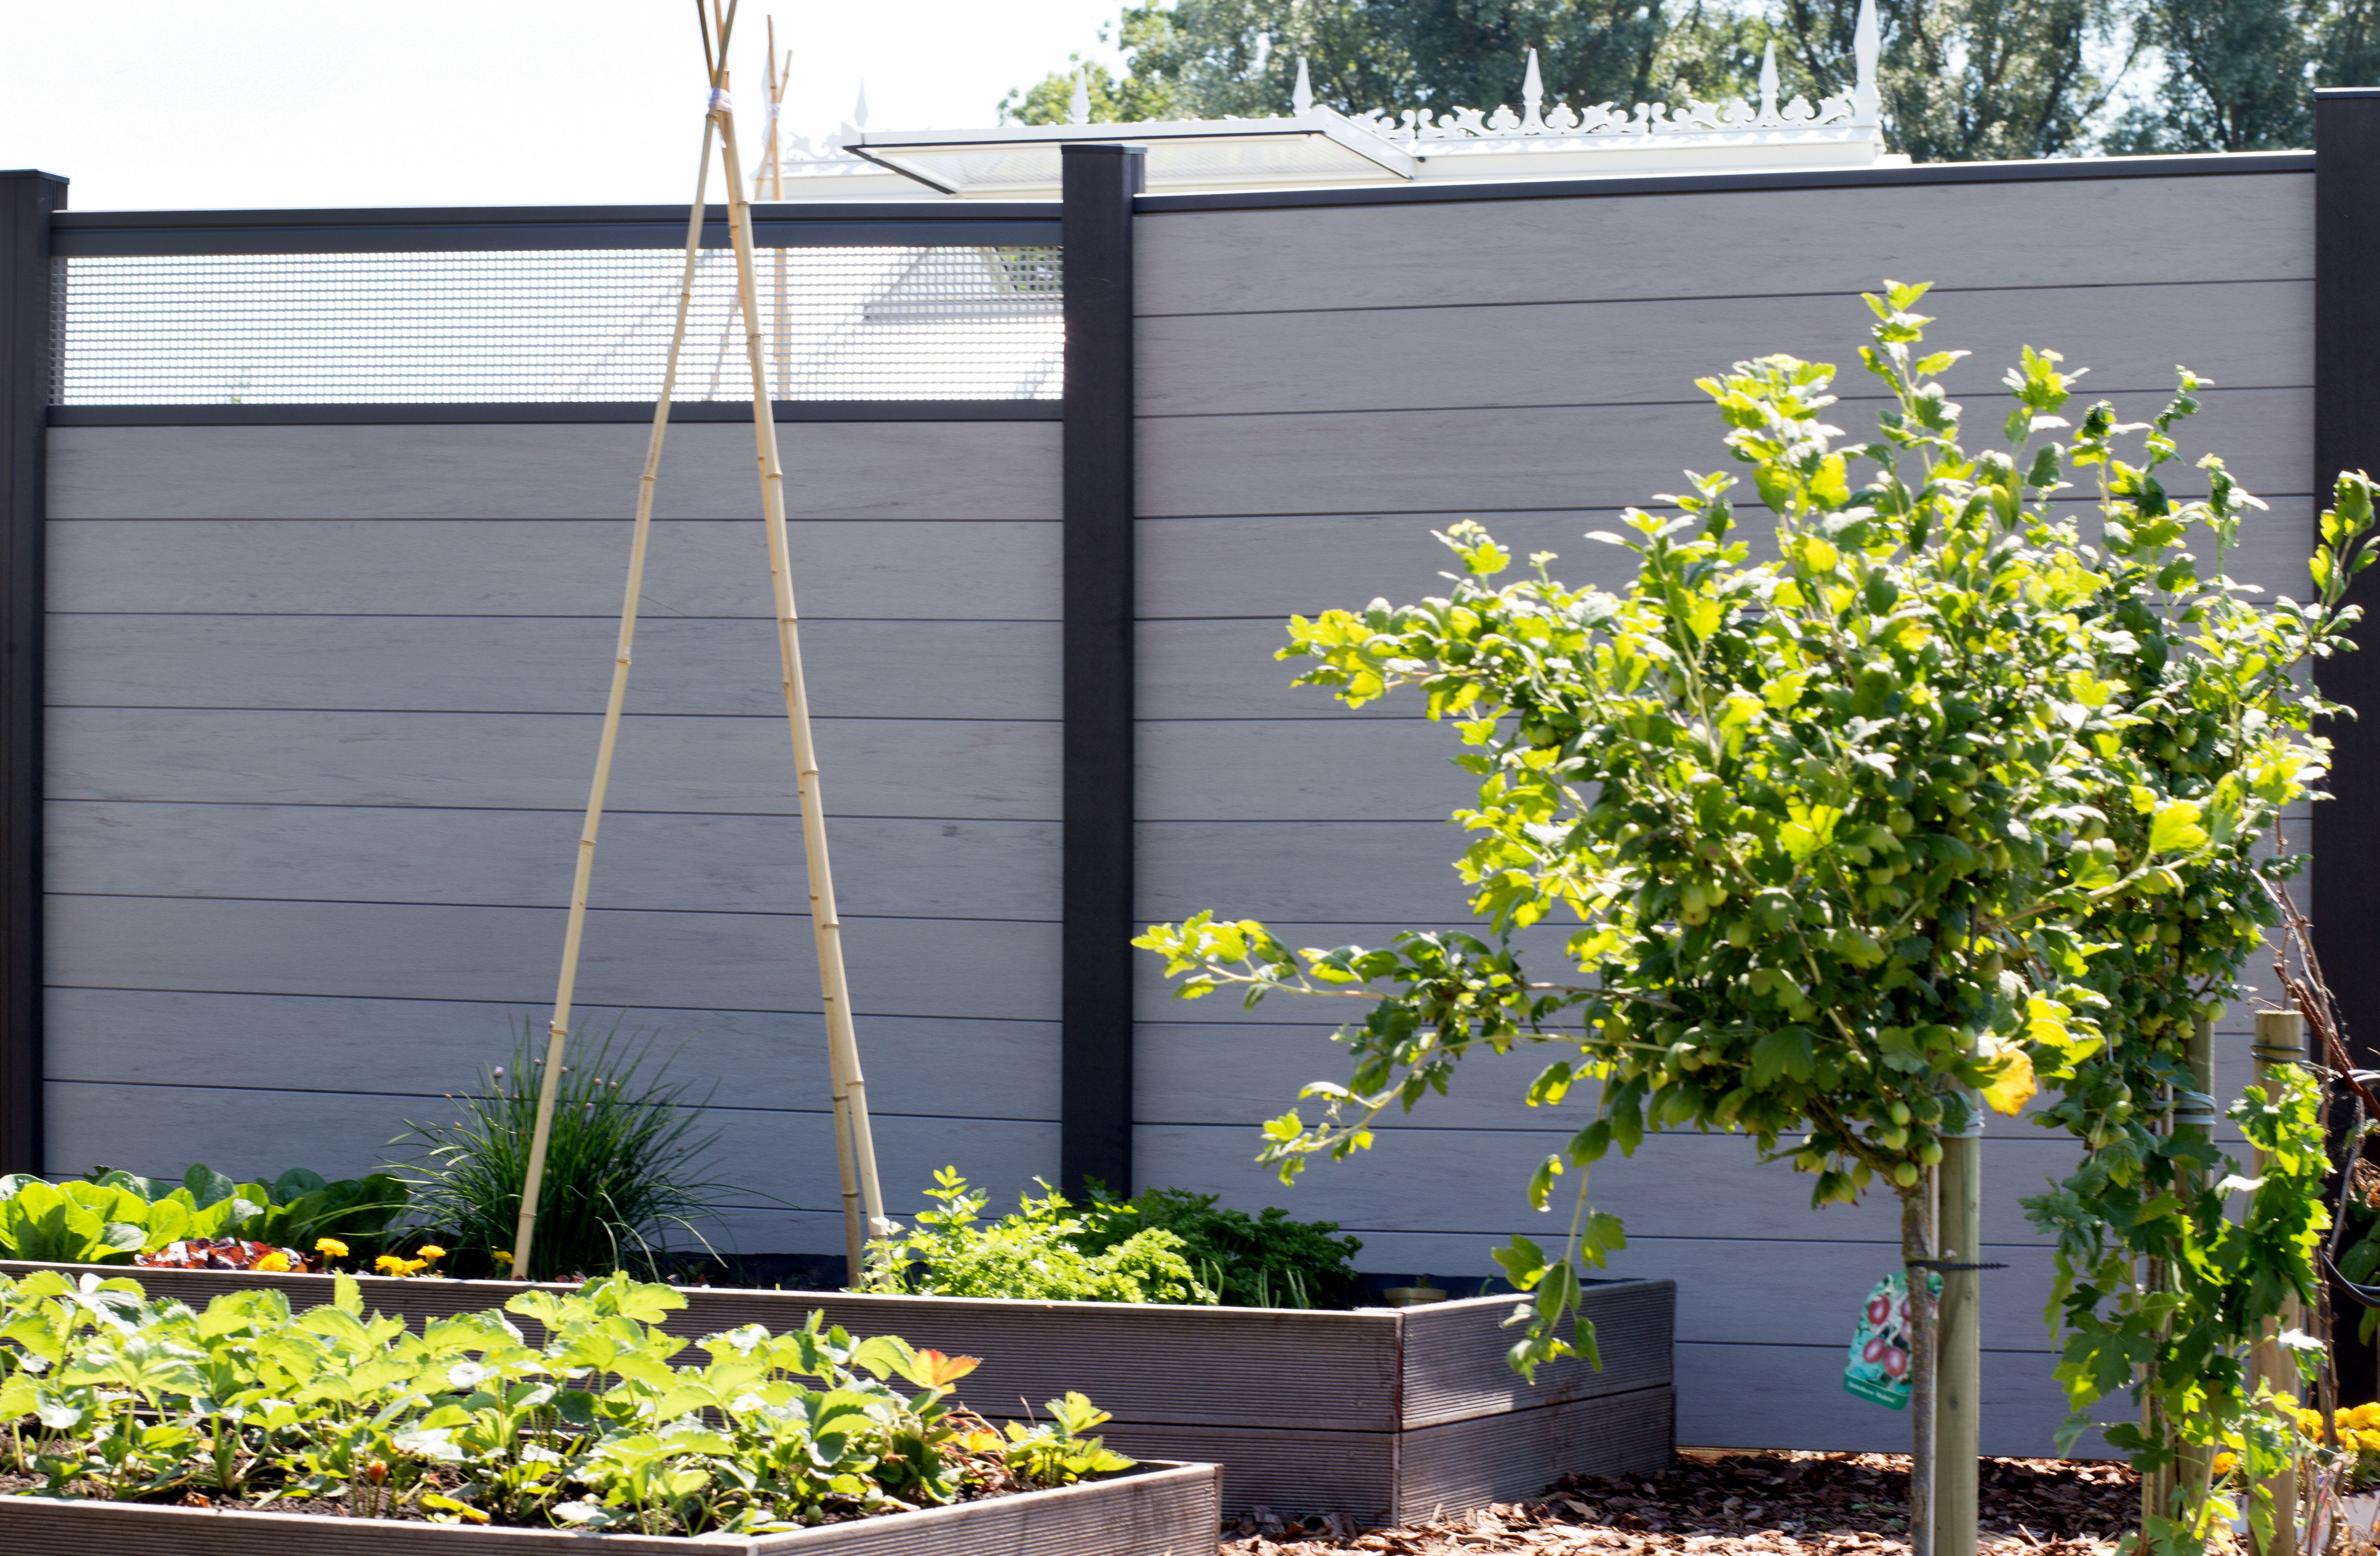 Bpc Zaun Stecksystem Solid 180 X 180 X 1 9 Cm Lochblech Einsatz 30 Cm Ohne Pfosten Farbe Wahlweise Gartenzaun Kunststoff Wpc Glas Zaune Newgarden